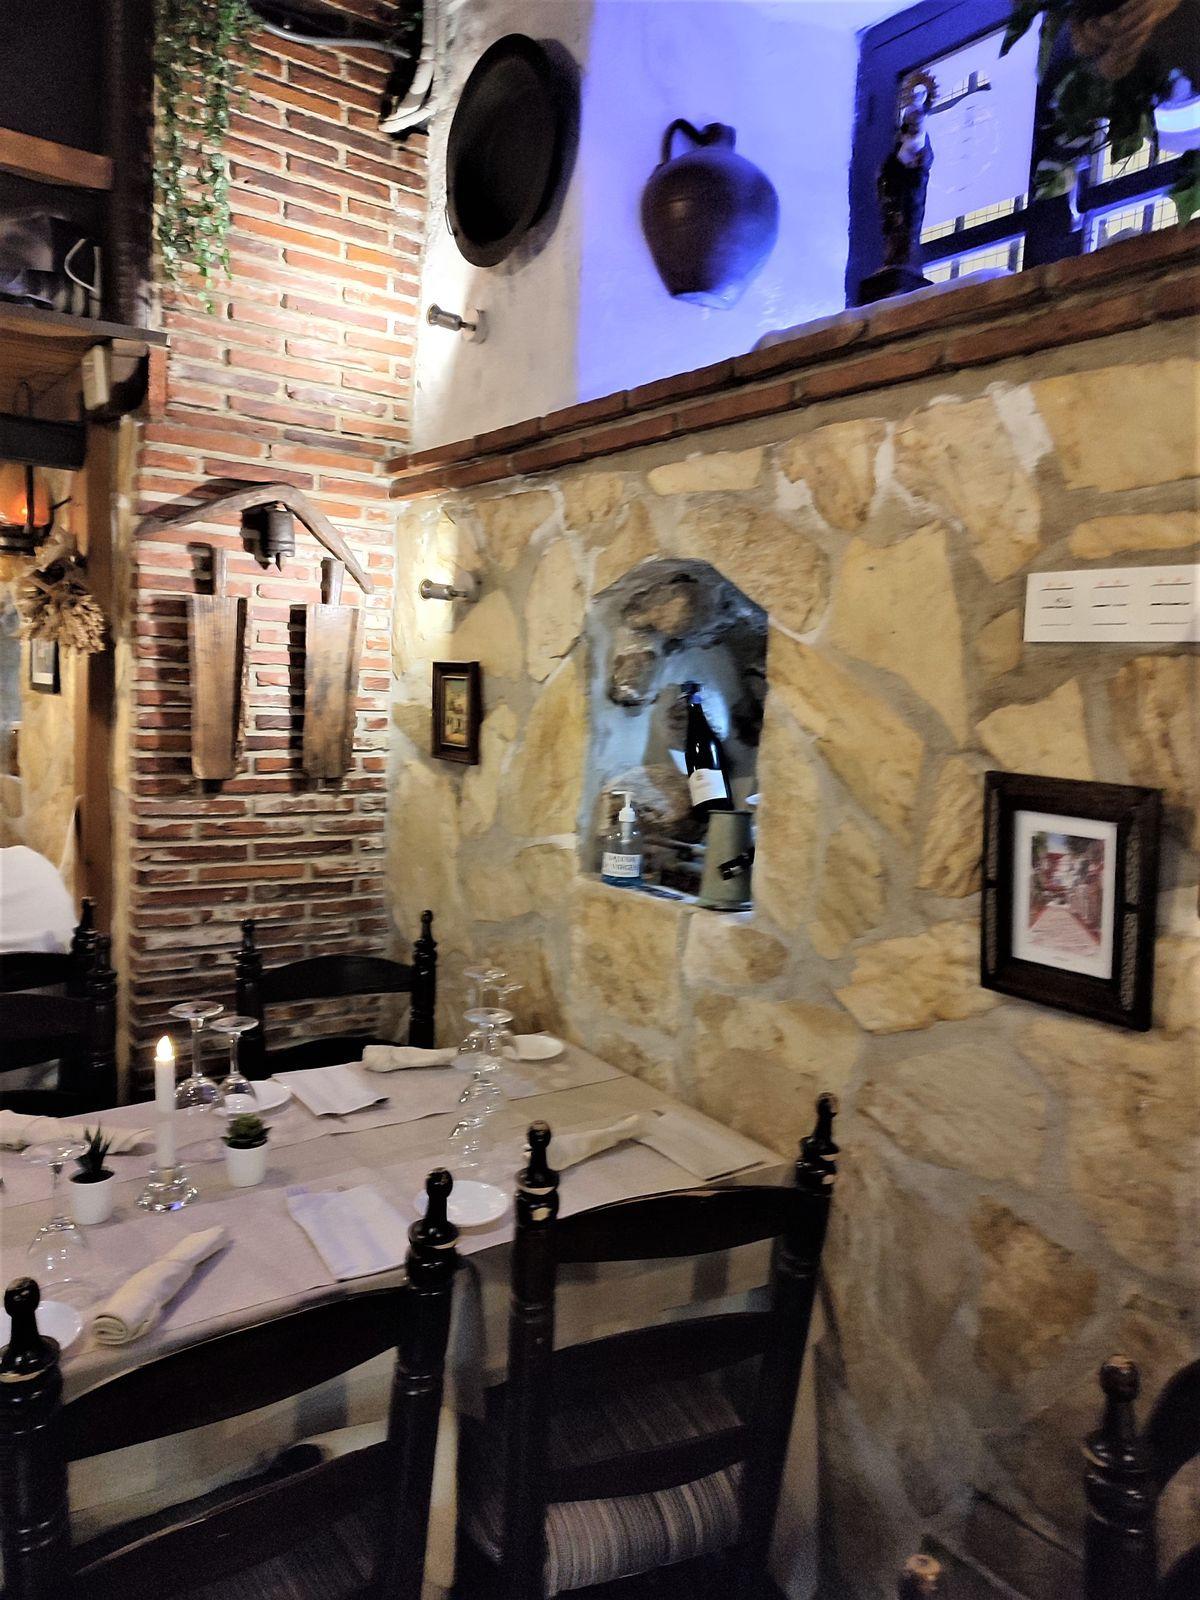 Commerce Autre à Marbella, Costa del Sol